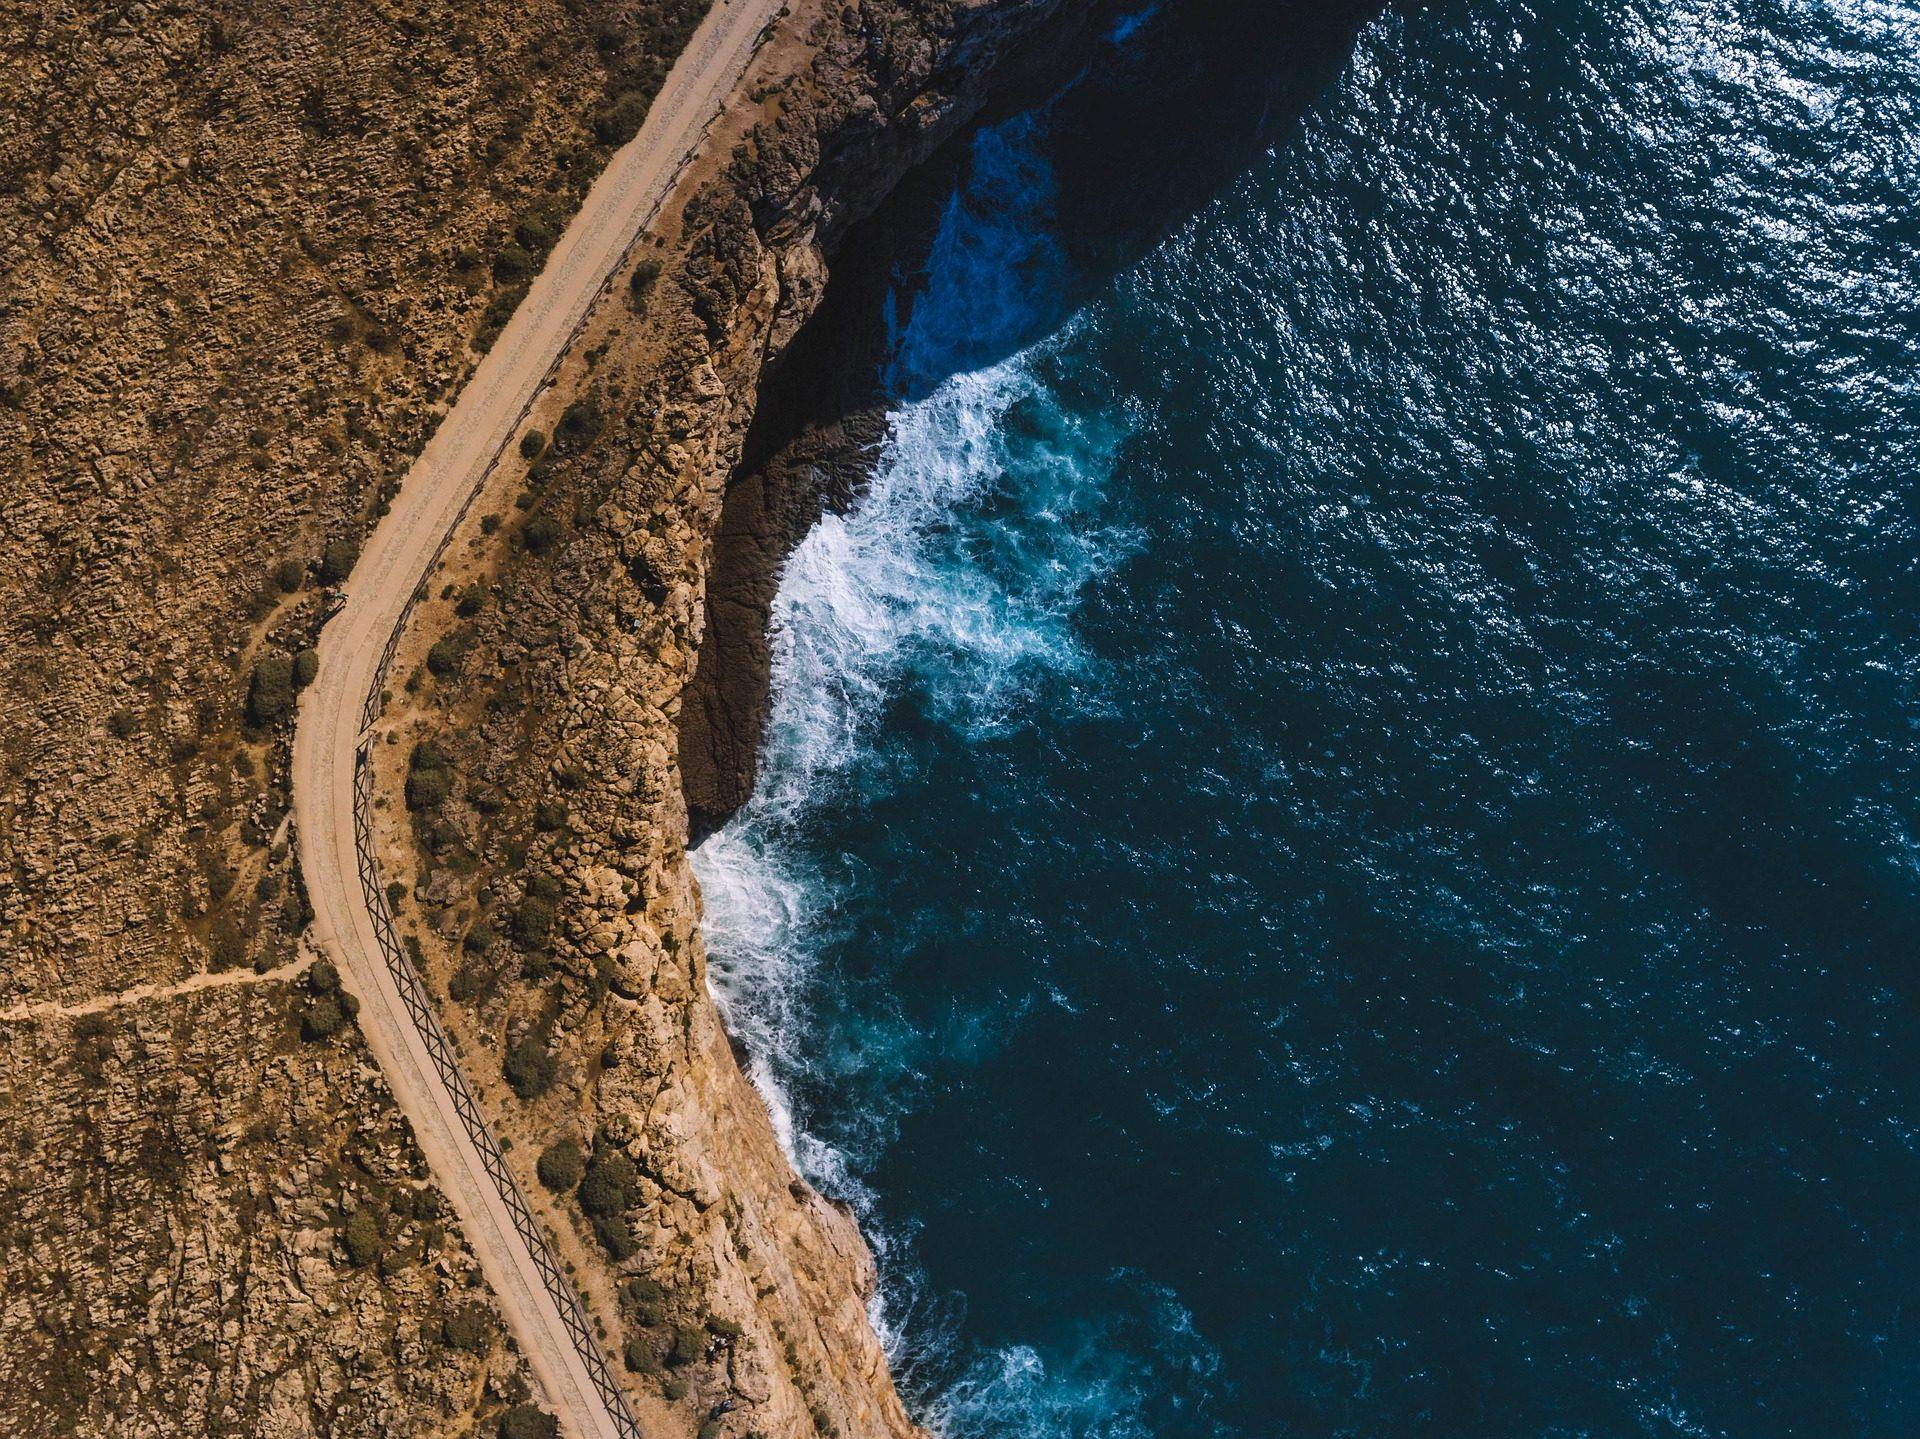 Θάλασσα, Ωκεανός, Παραλία, Δρόμου, βράχια, Γη - Wallpapers HD - Professor-falken.com